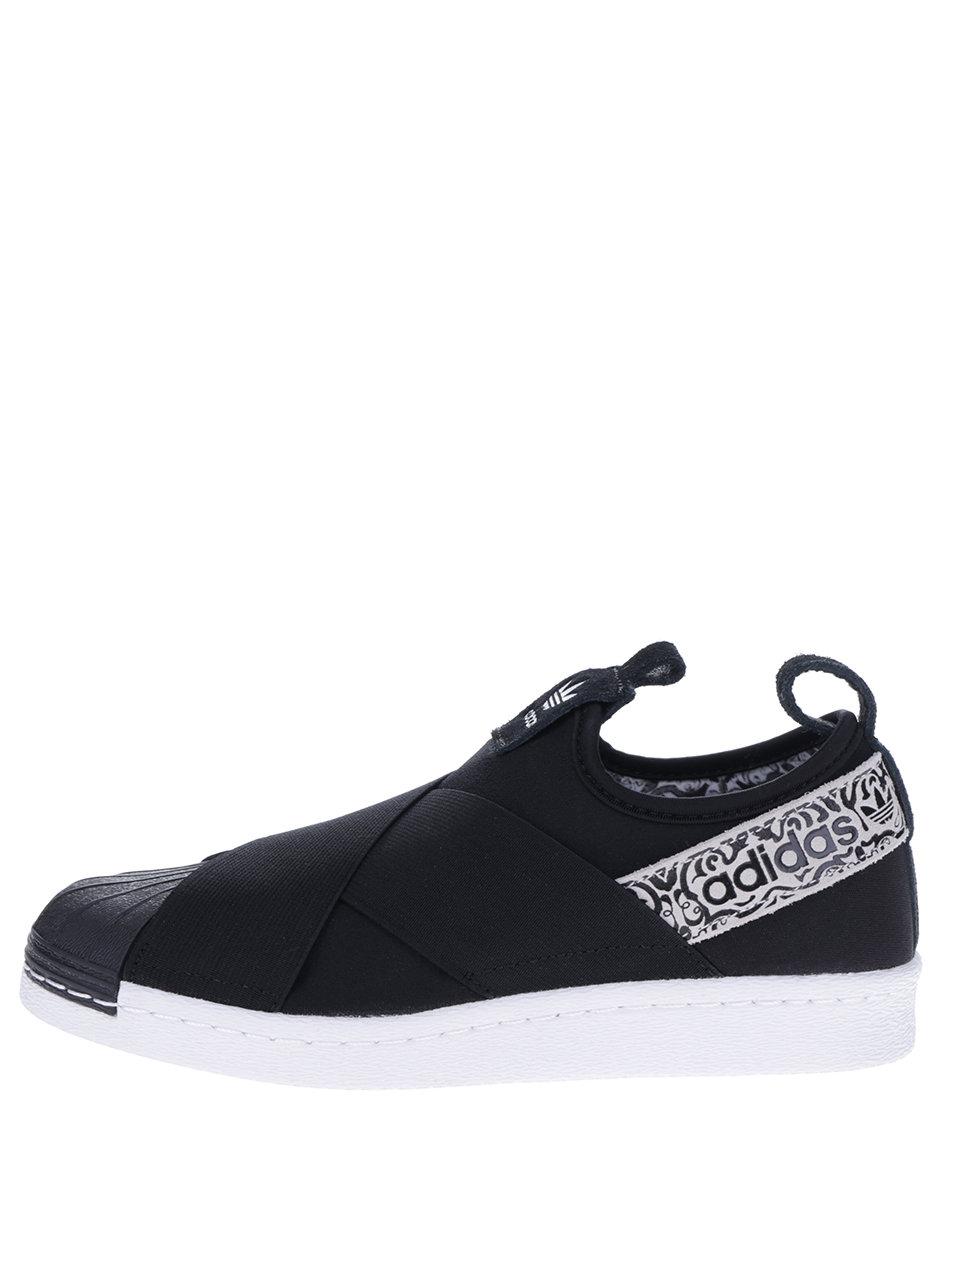 Čierne dámske slip-on tenisky s ozdobným vzorom adidas Originals Superstar  ... c0cd135682a